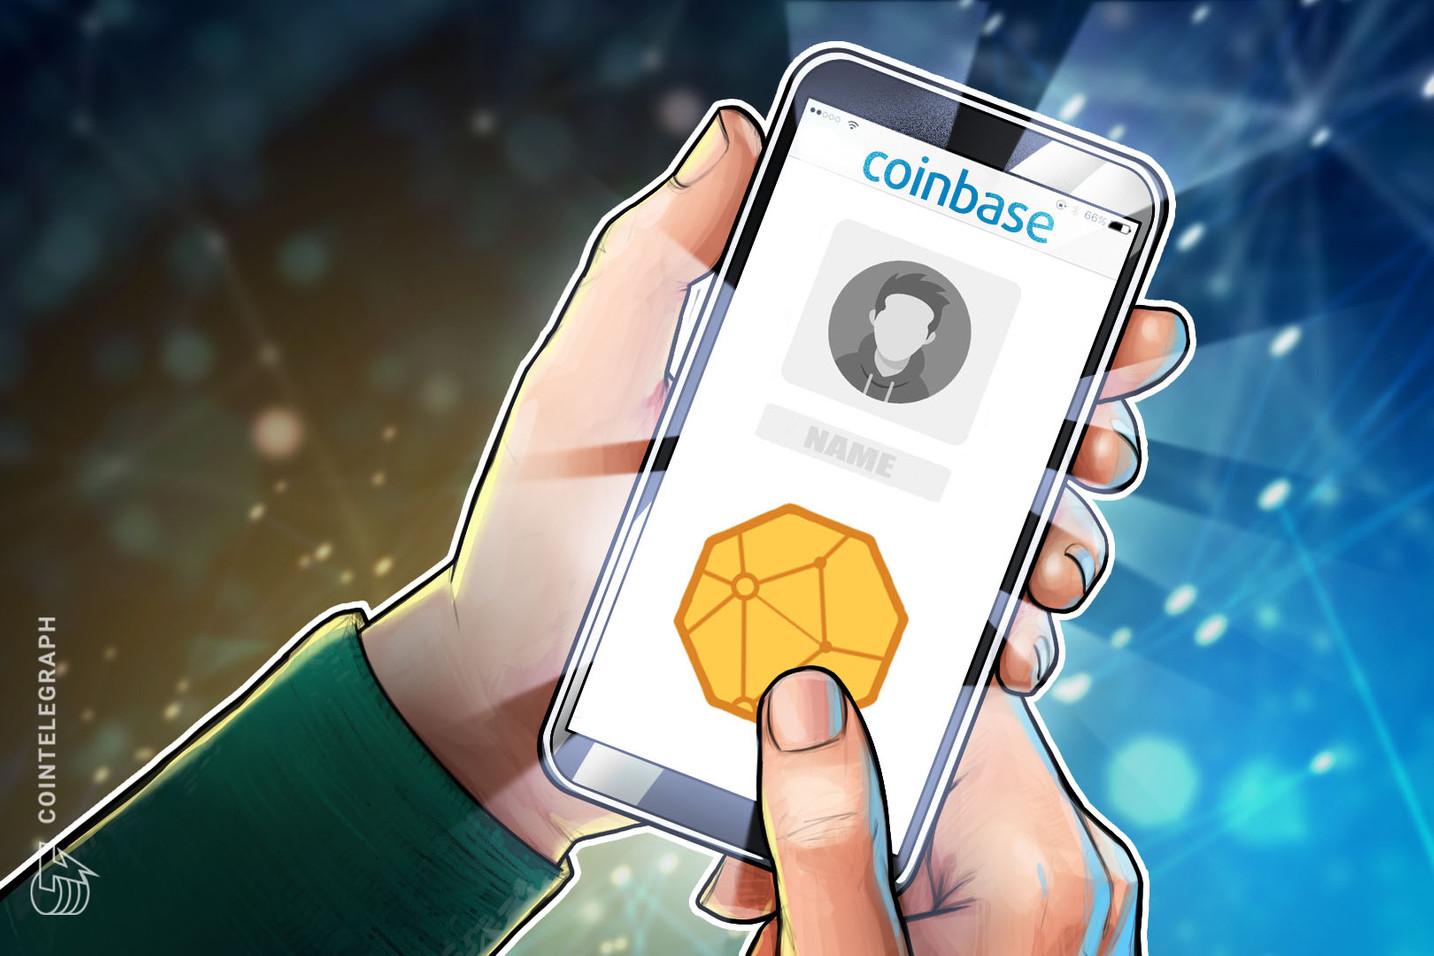 Coinbase Wallet ahora permite enviar criptomonedas a través de nombres de usuario